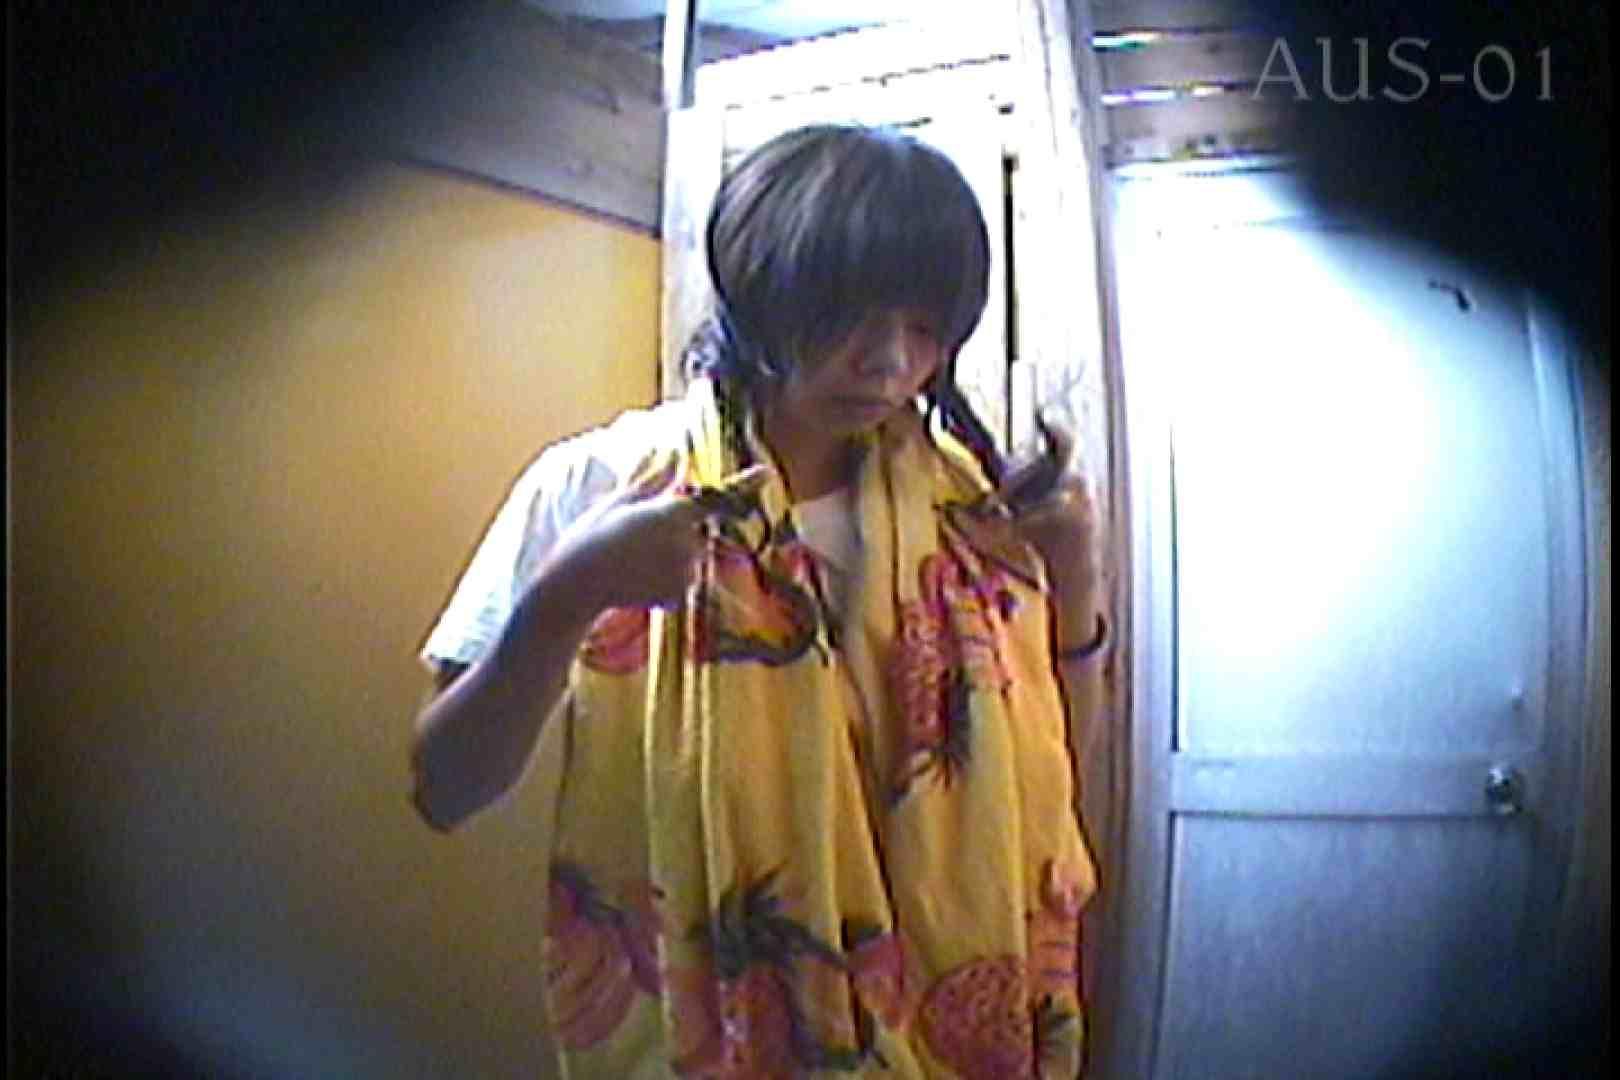 海の家の更衣室 Vol.01 シャワー   HなOL  88pic 7